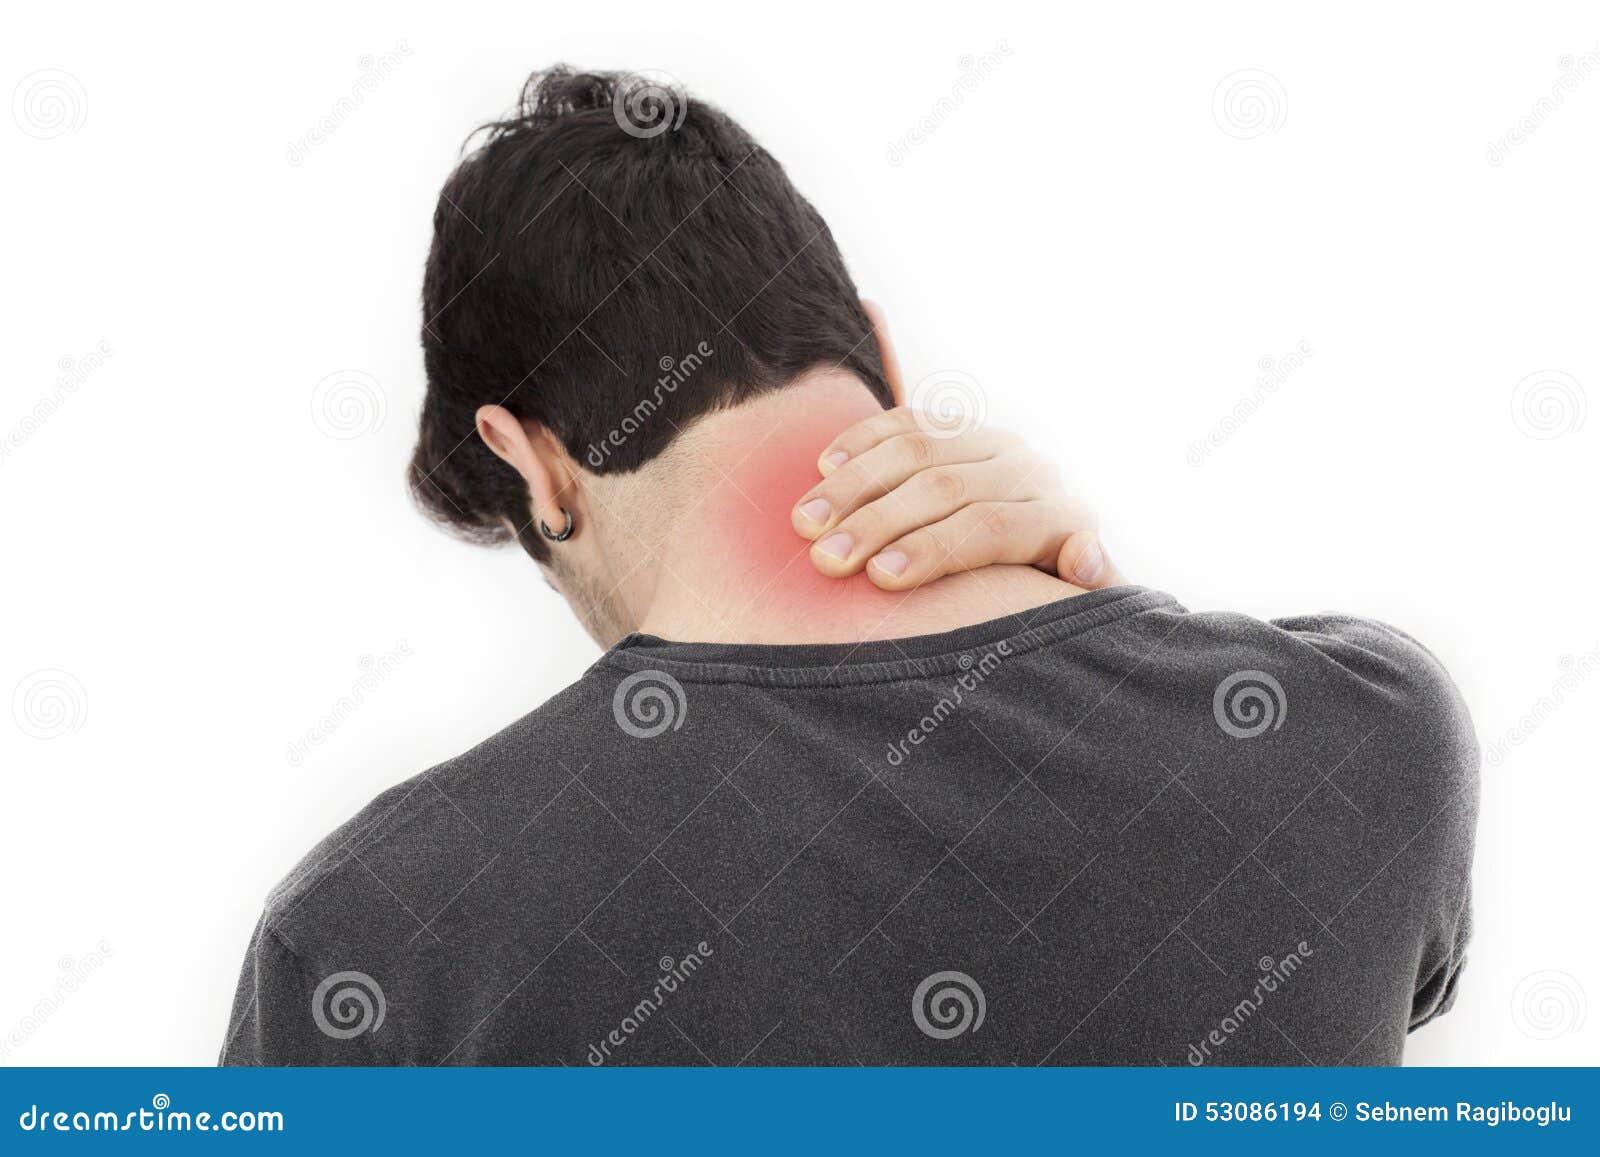 Les symptômes compliqué cervical osteokhondroza